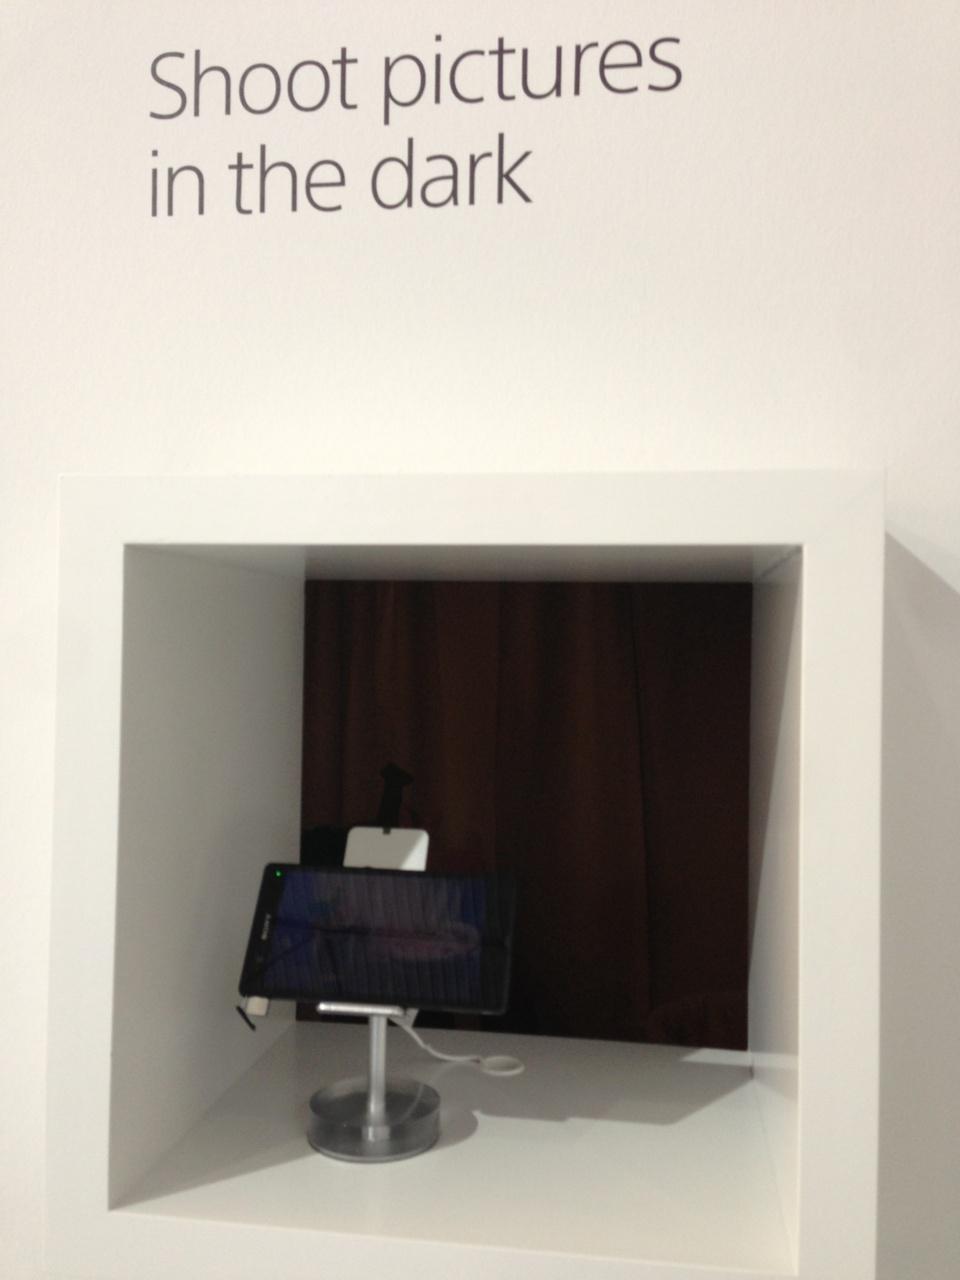 Résultat époustouflant de l'appareil photo du Xperia dans le noir. Pratiquement aucun bruit